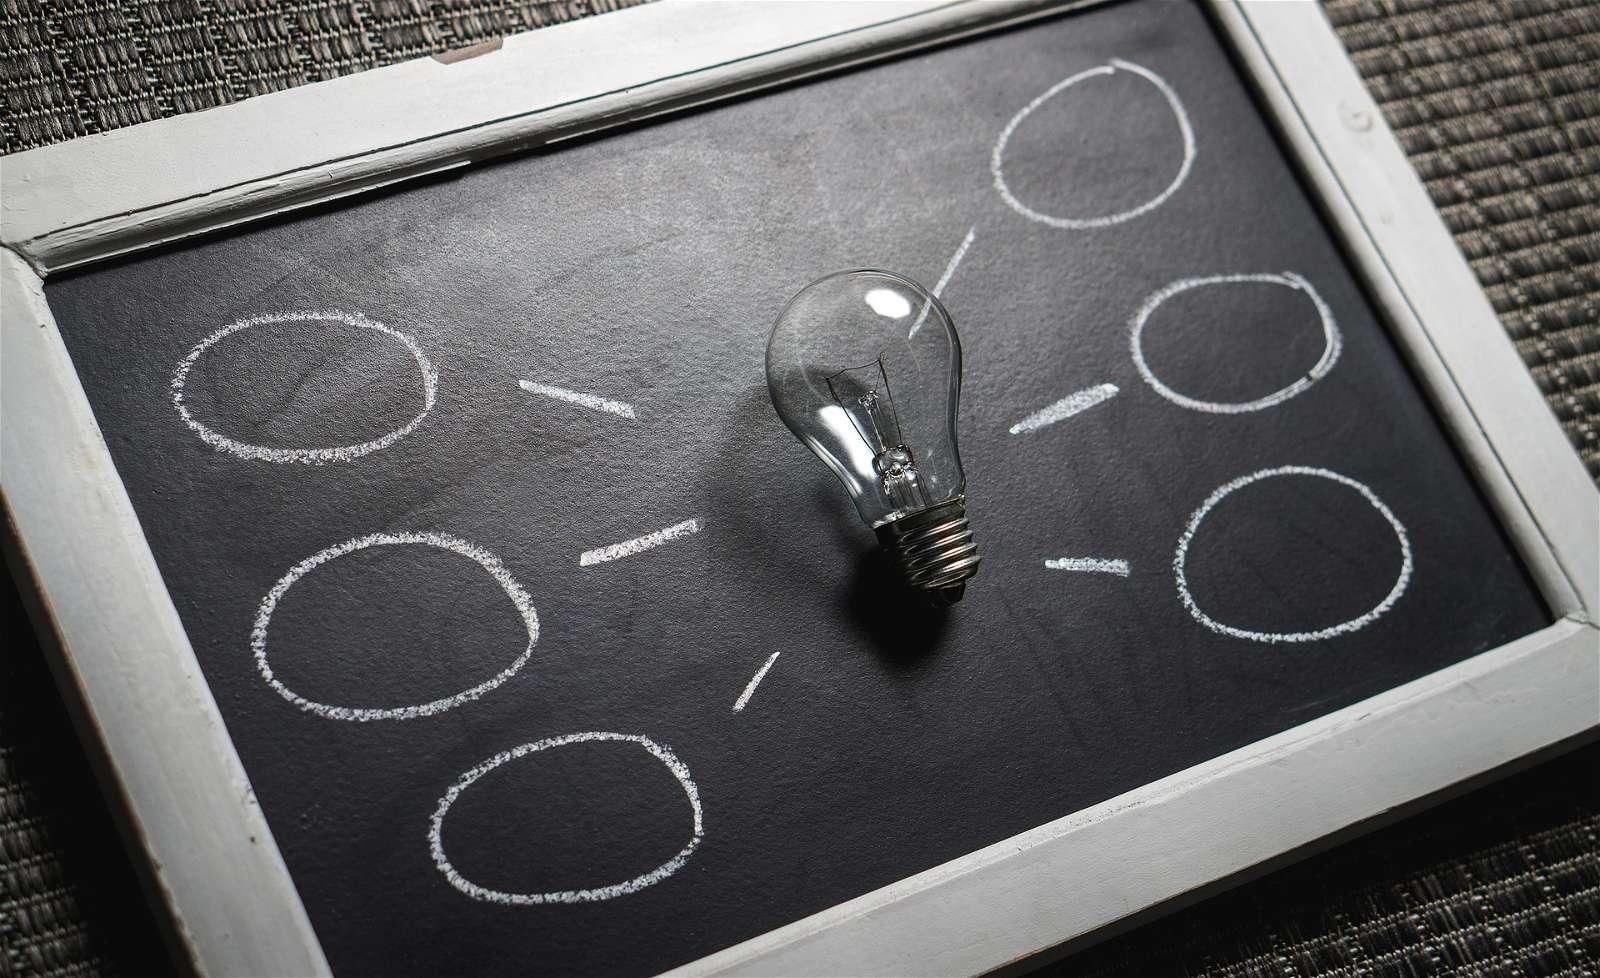 enterprise solutions through outsourcing